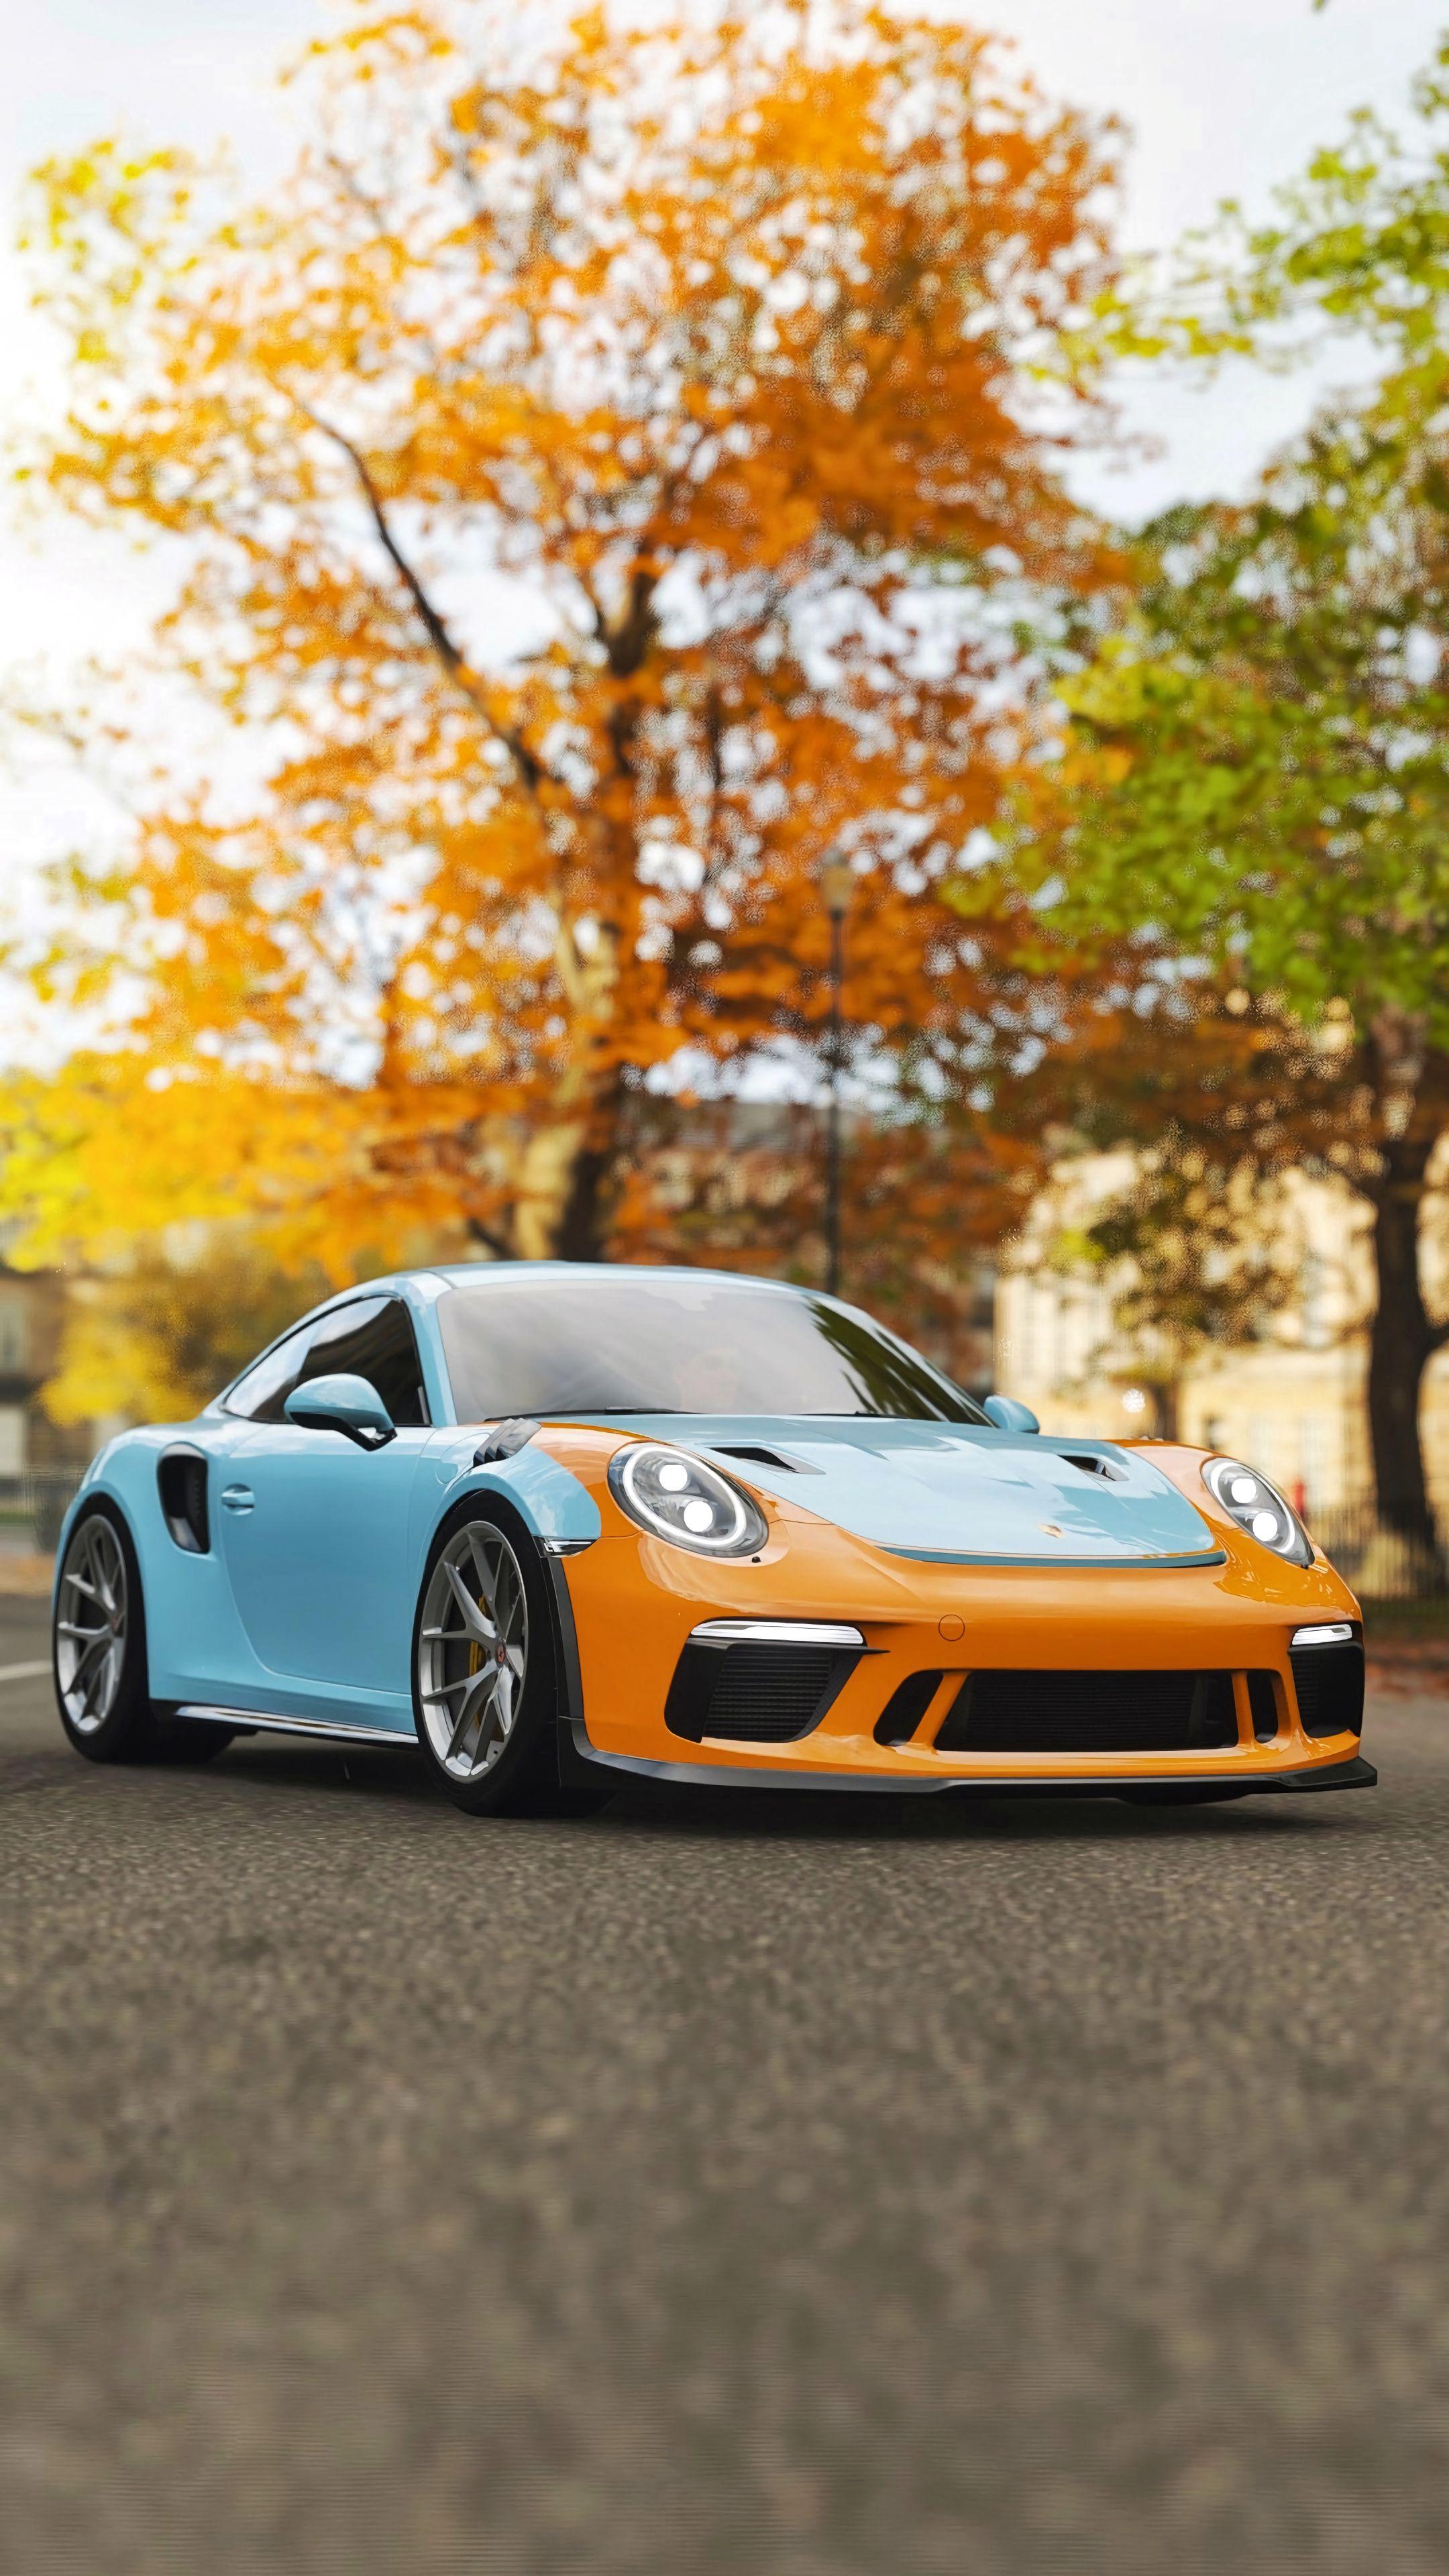 88200 Заставки и Обои Порш (Porsche) на телефон. Скачать Порш (Porsche), Гонки, Тачки (Cars), Спорткар, Porsche 911 Gt3 картинки бесплатно